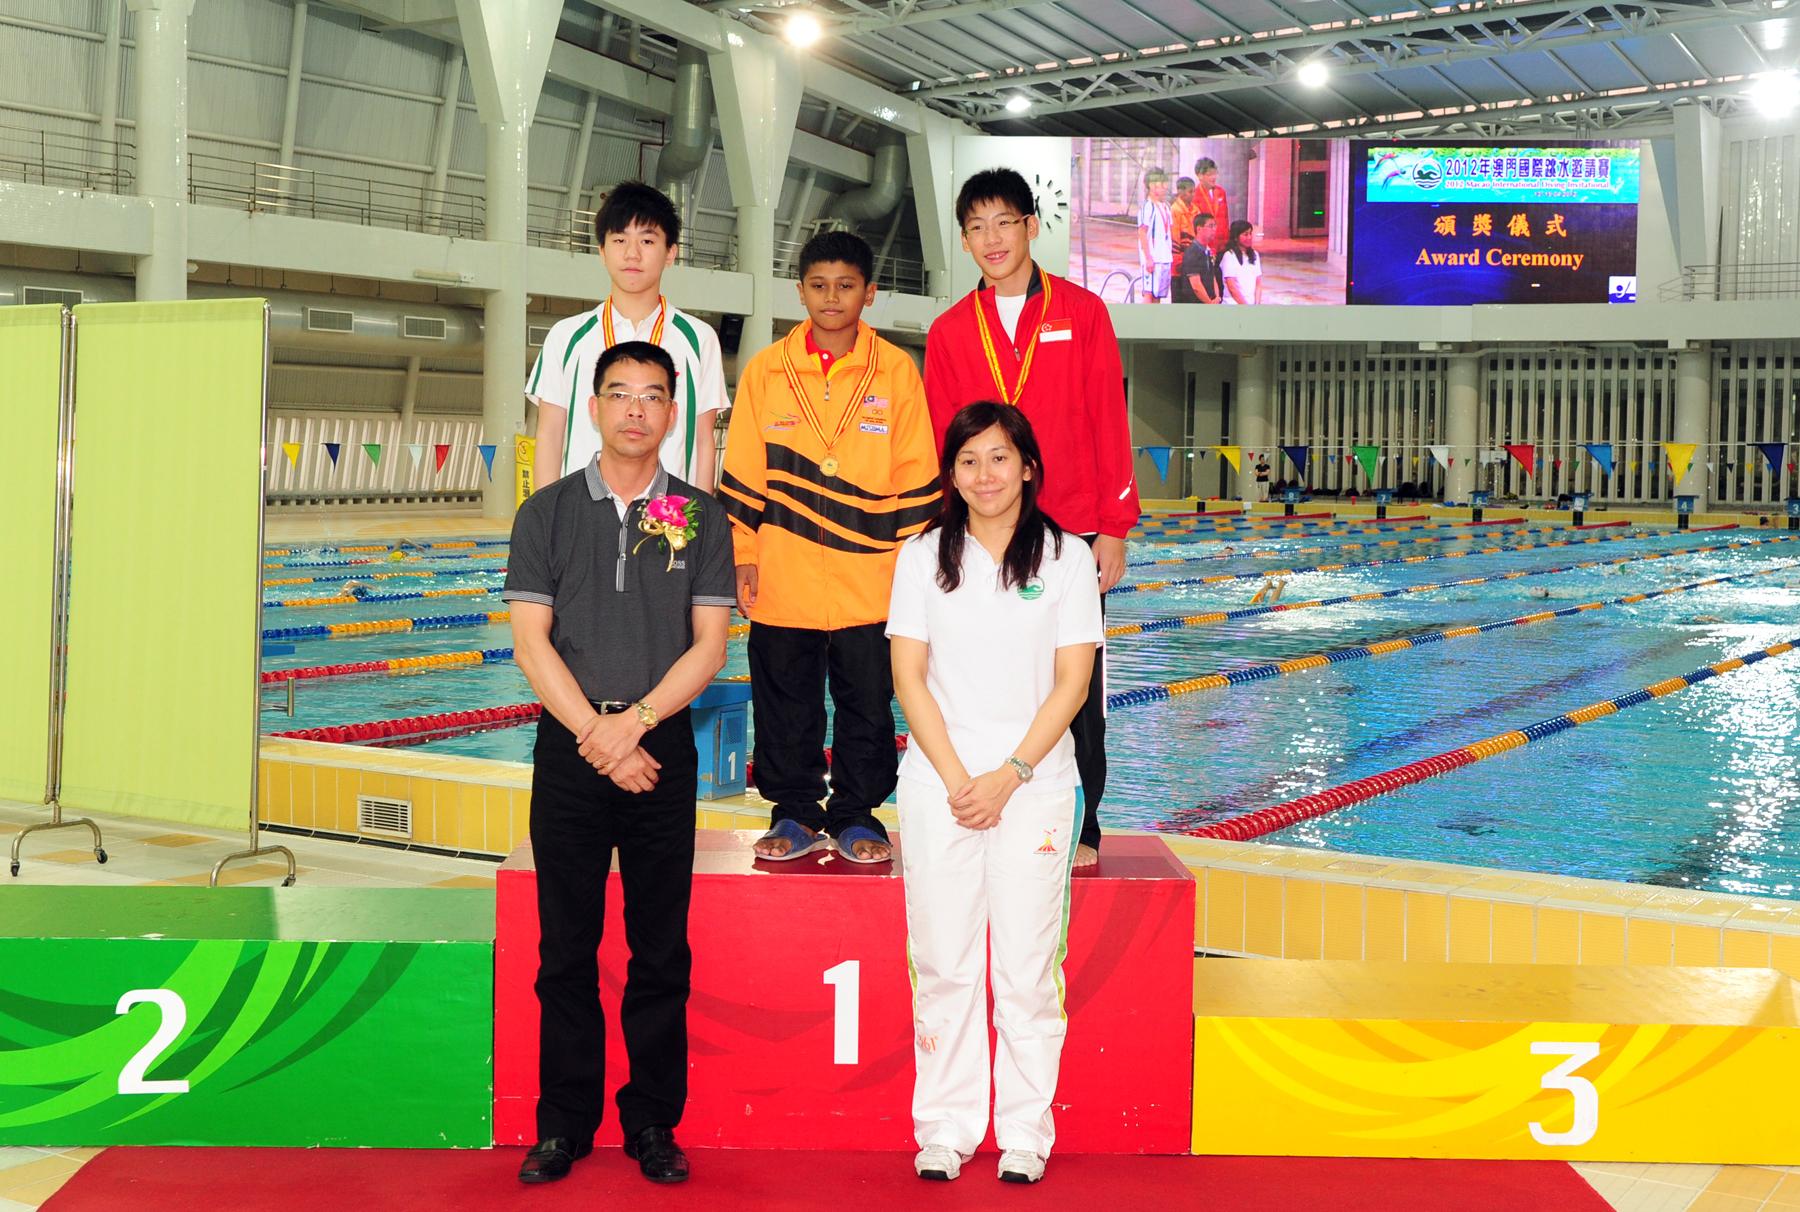 體育發展局處長麥炳耀、跳水部長伍紹雲頒發男子B組跳台獎項。